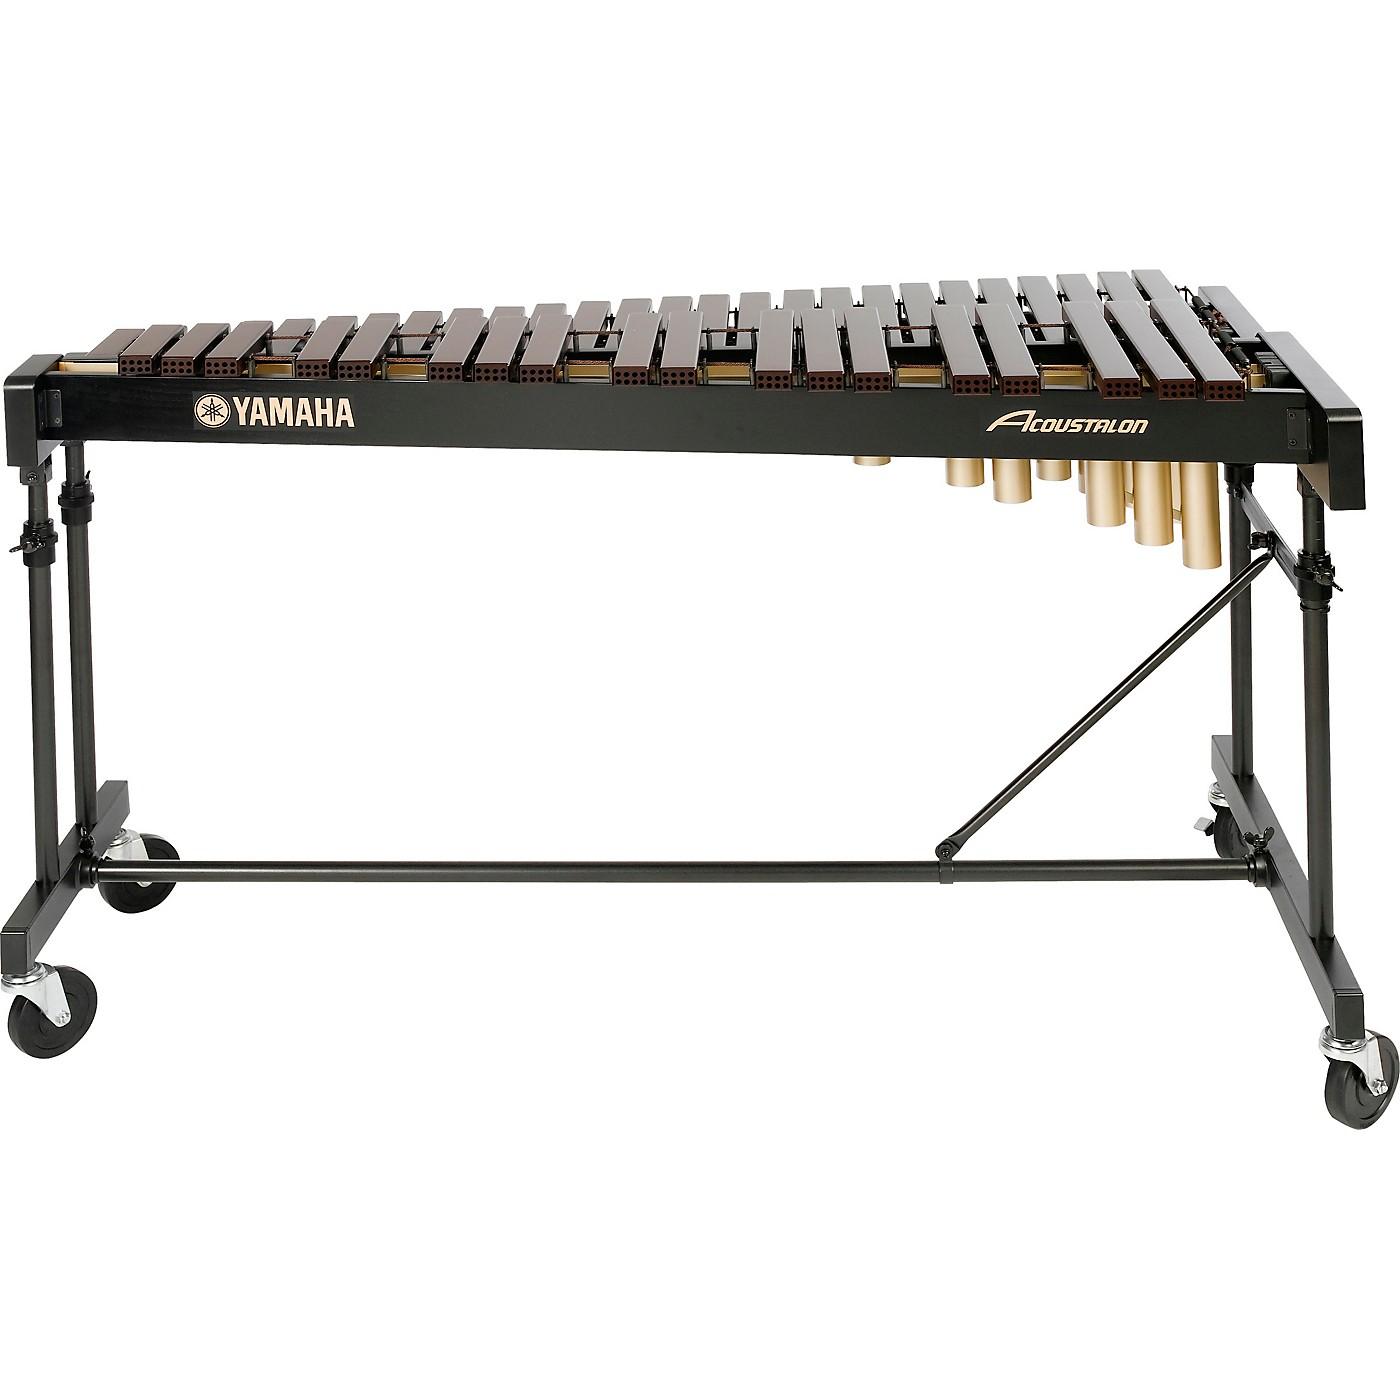 Yamaha 3-1/2 Octave Professional Acoustalon Xylophone thumbnail